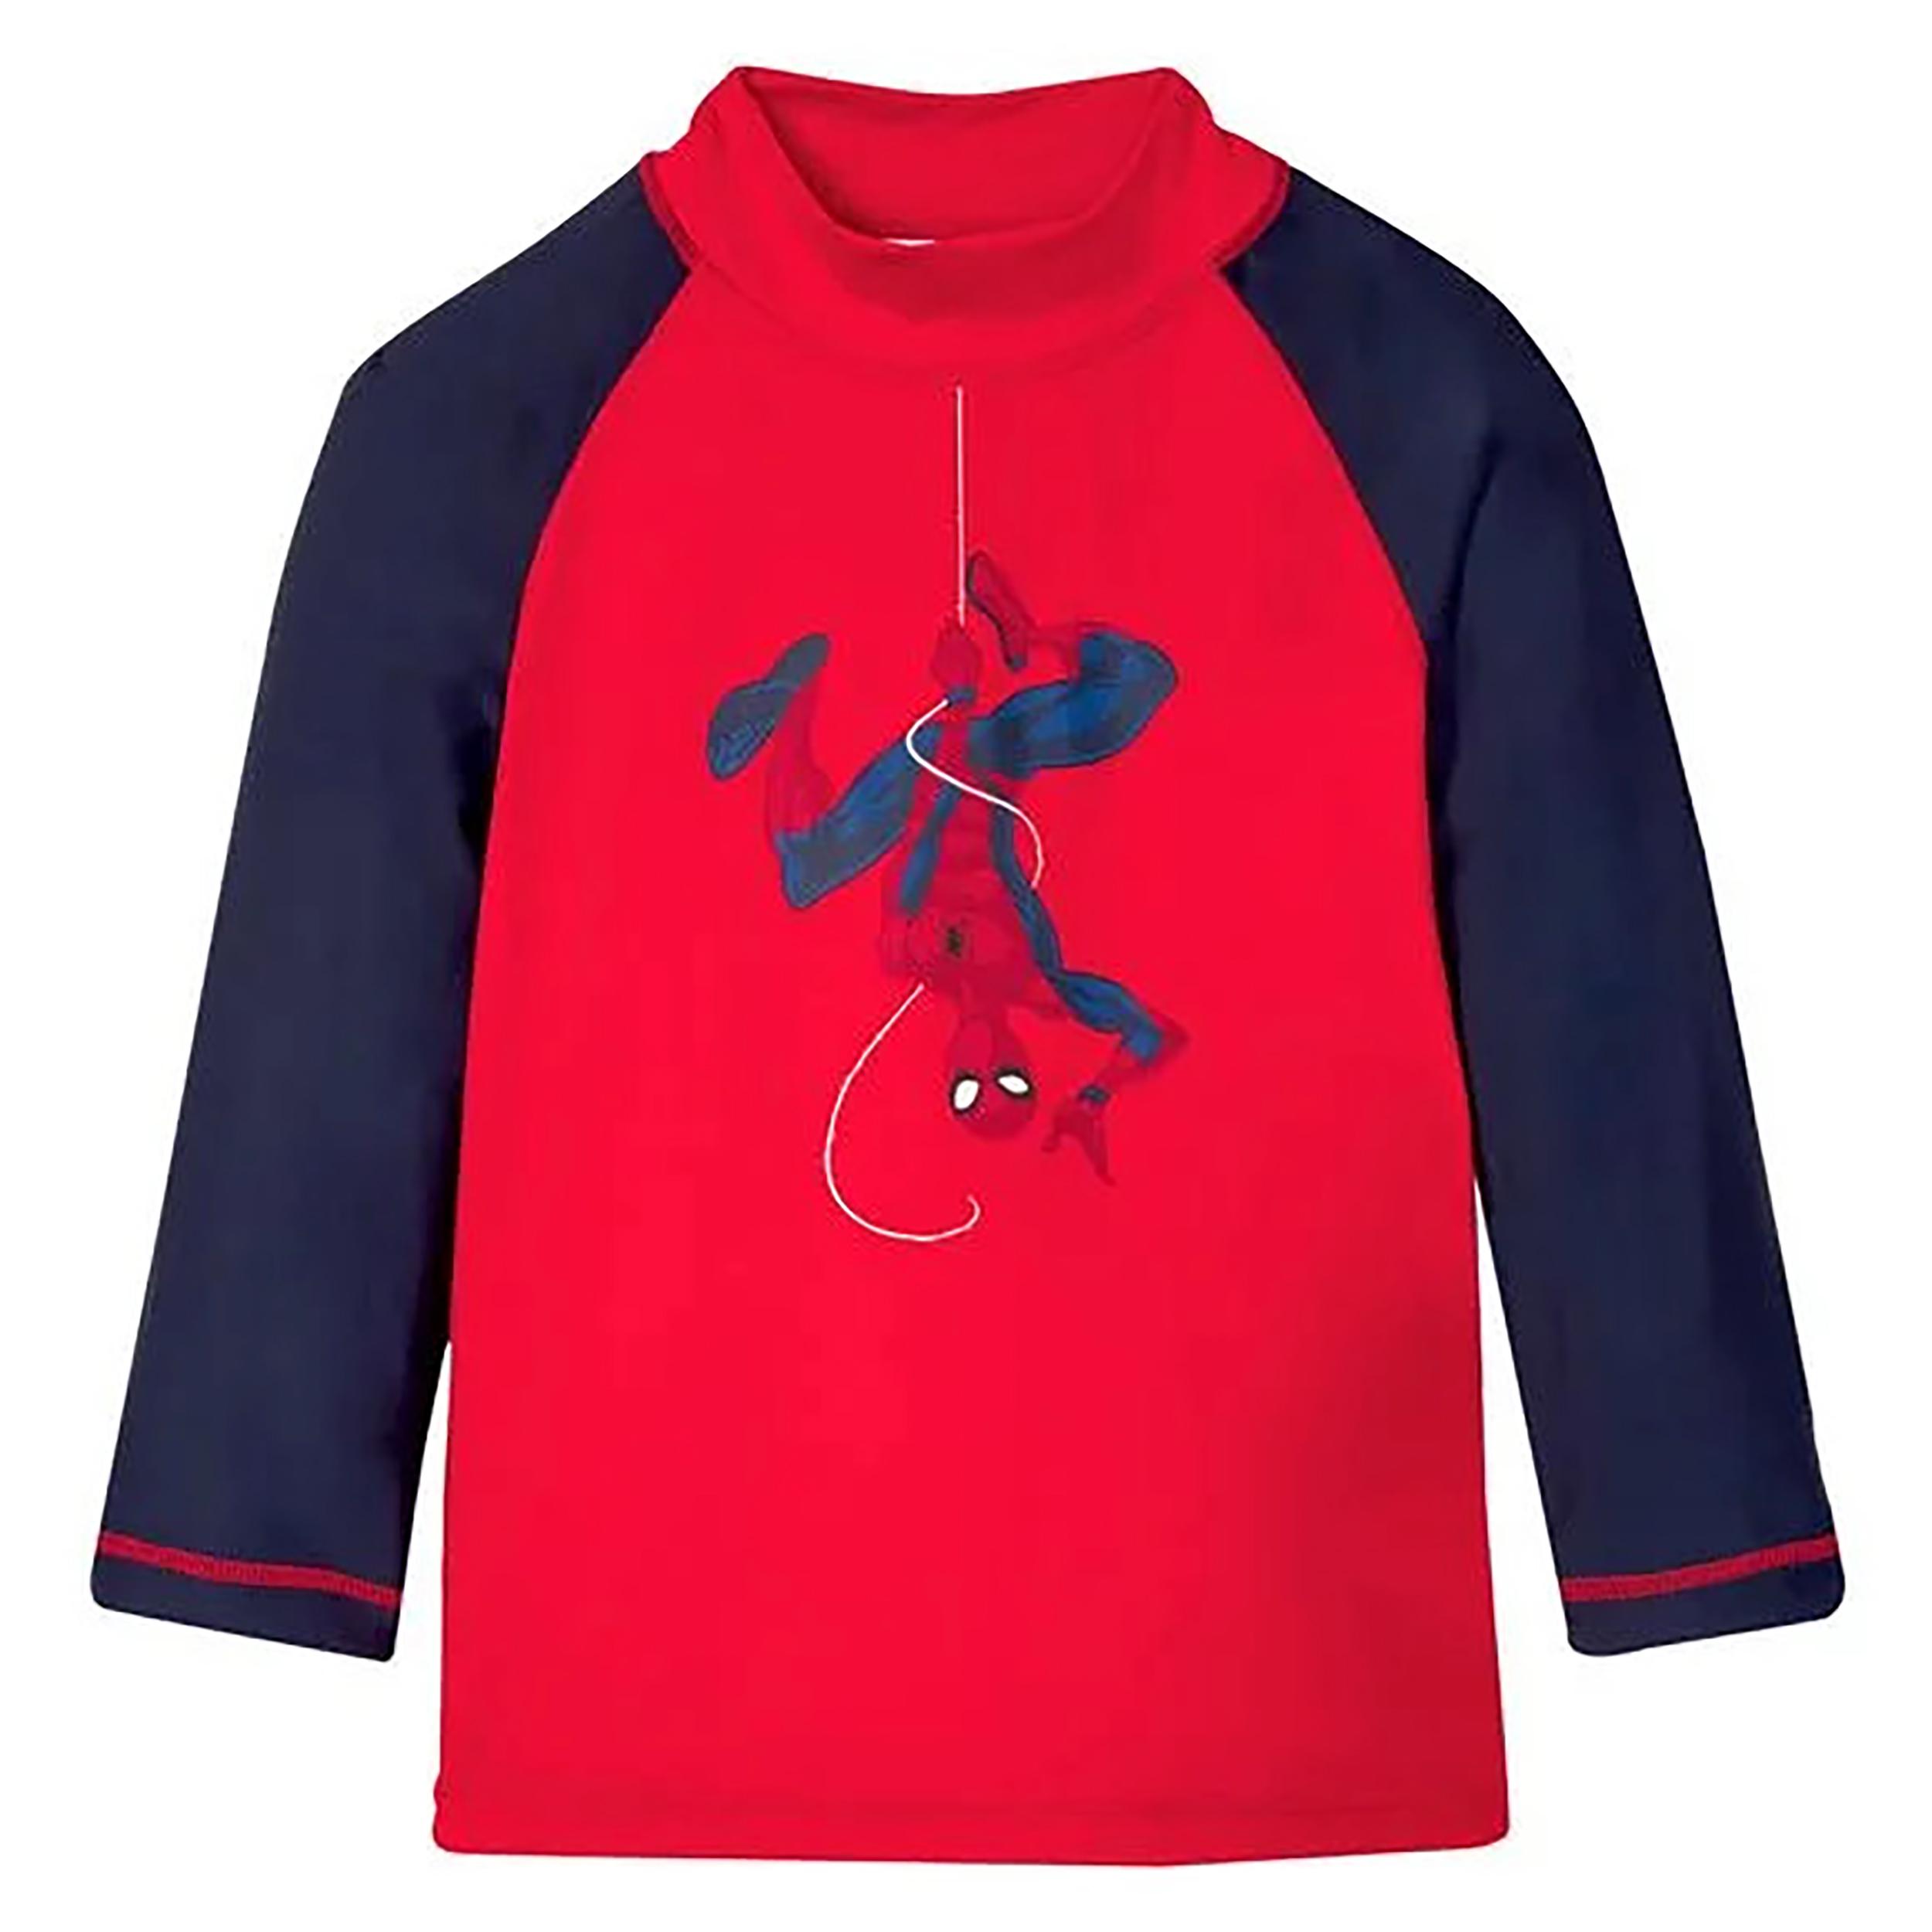 تی شرت پسرانه مارول مدل 334318